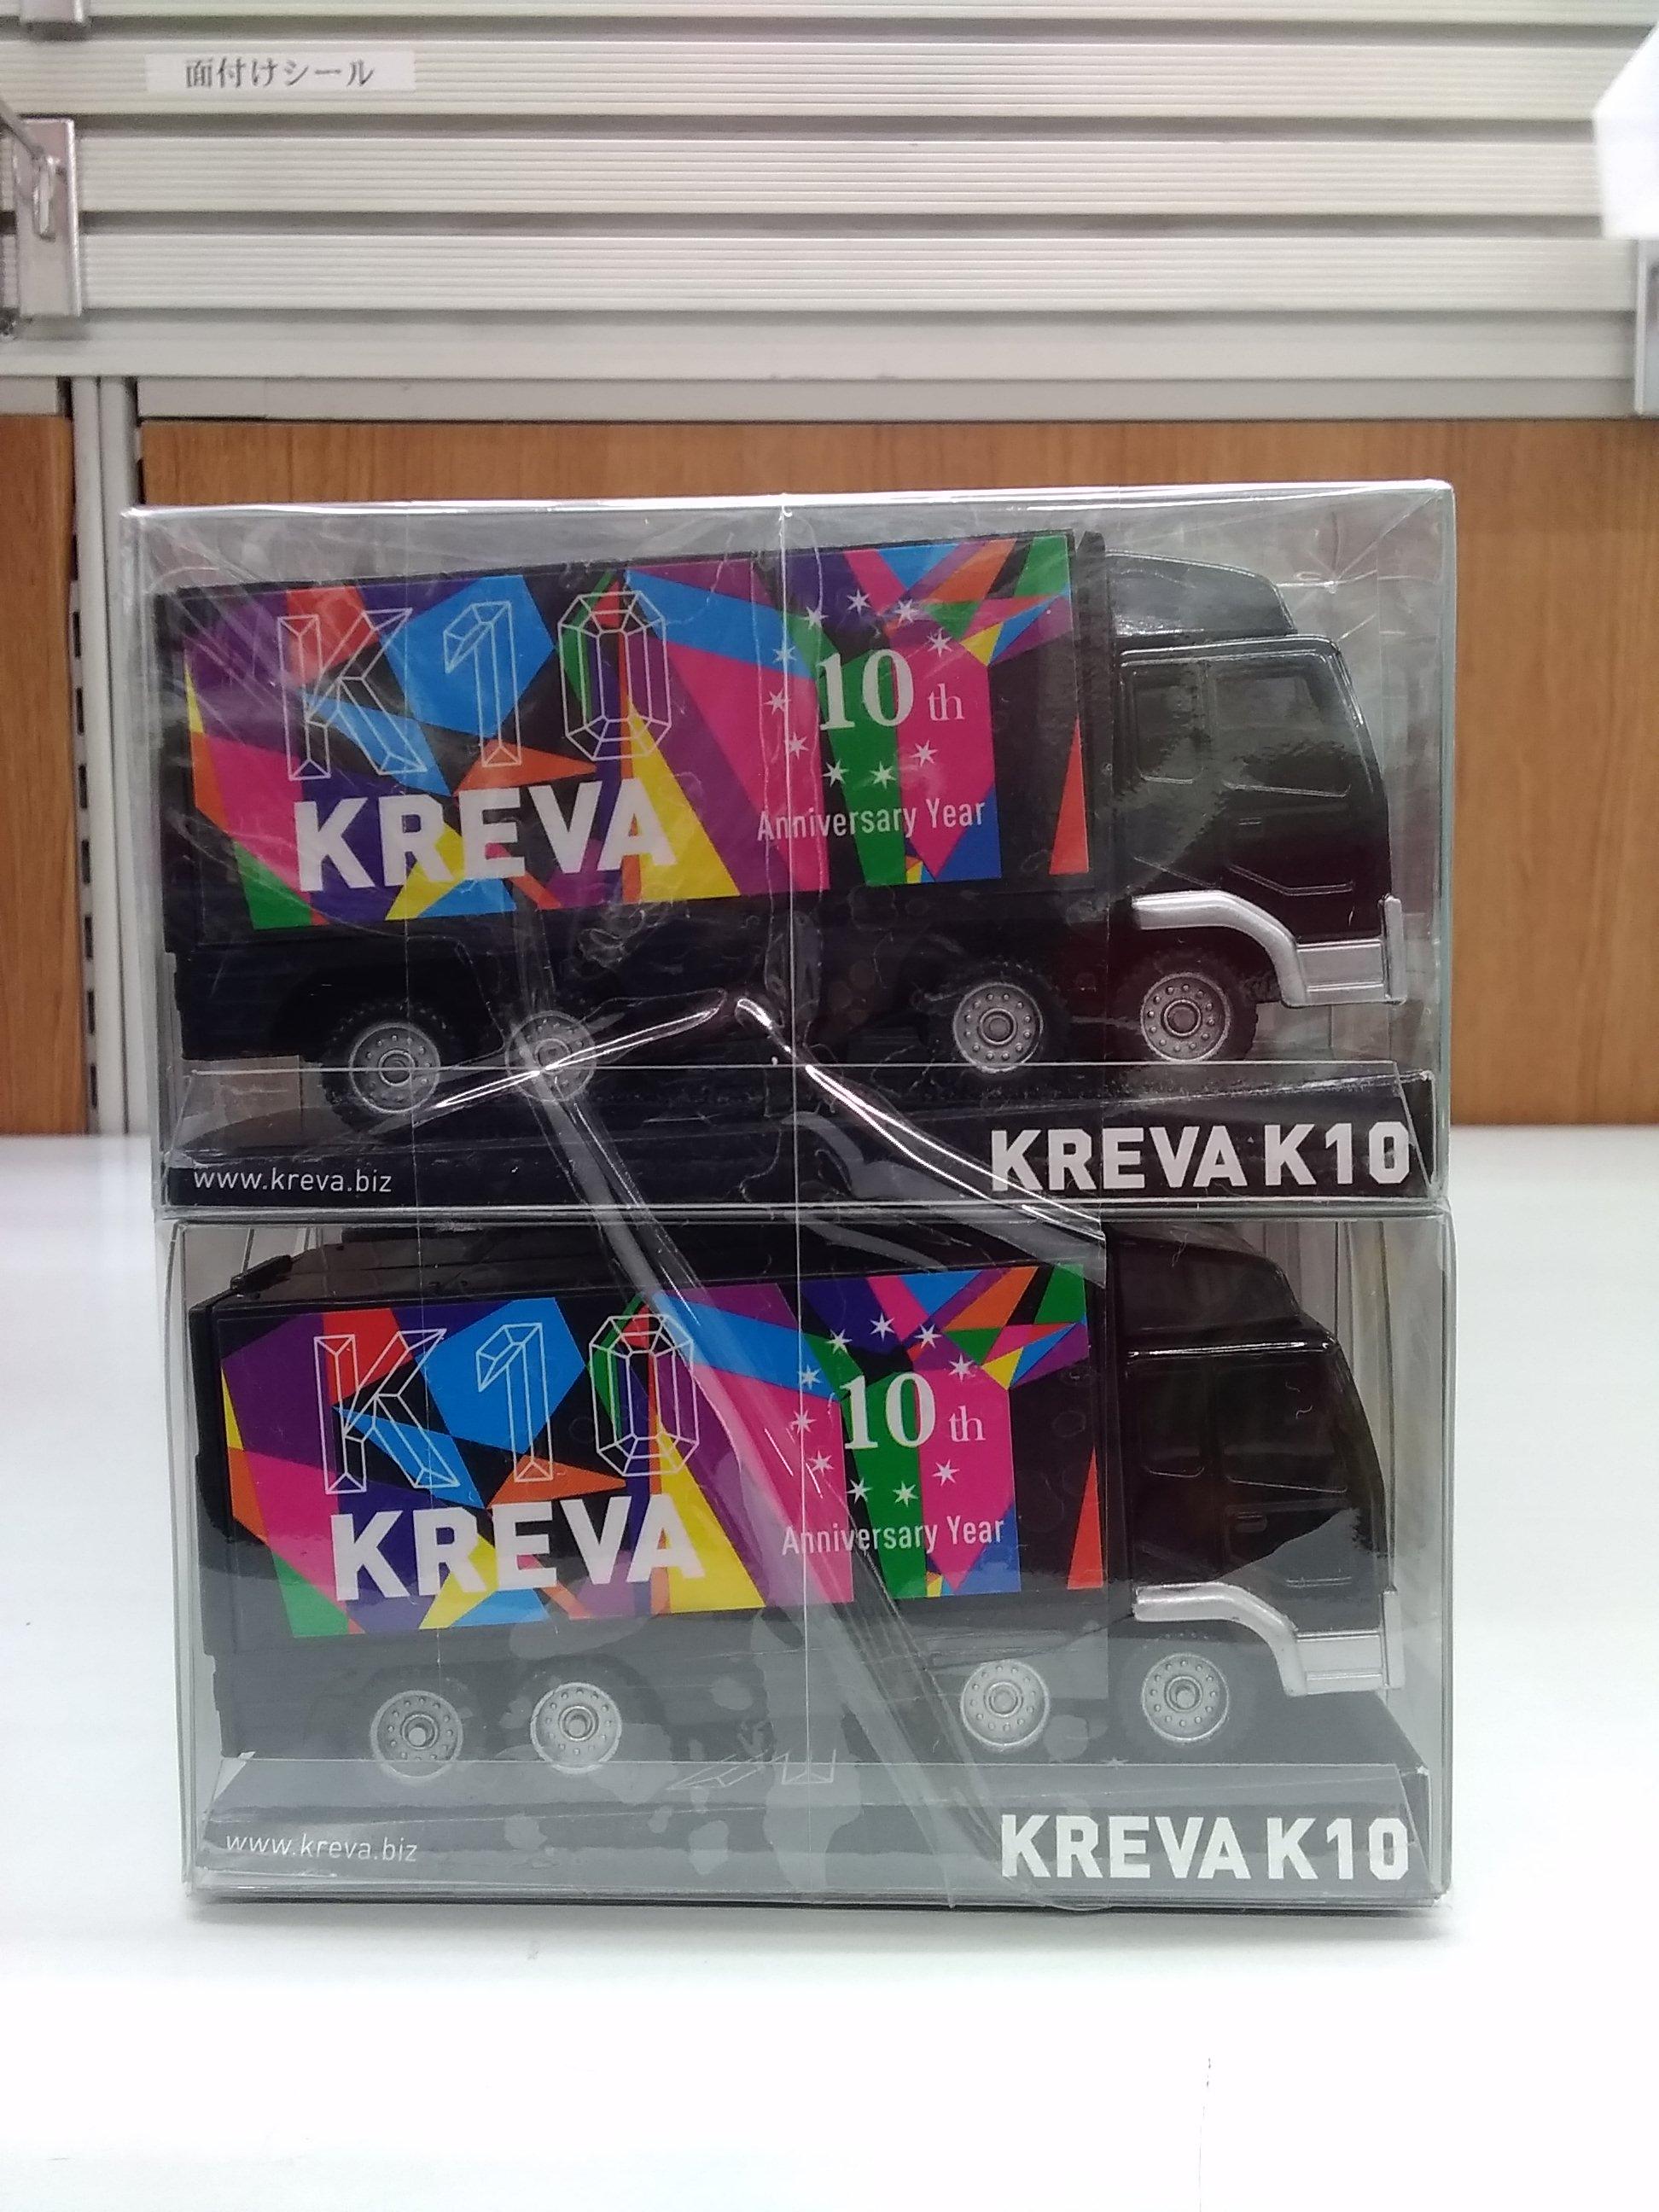 KREVAトランポミニカー 20台セット|K10